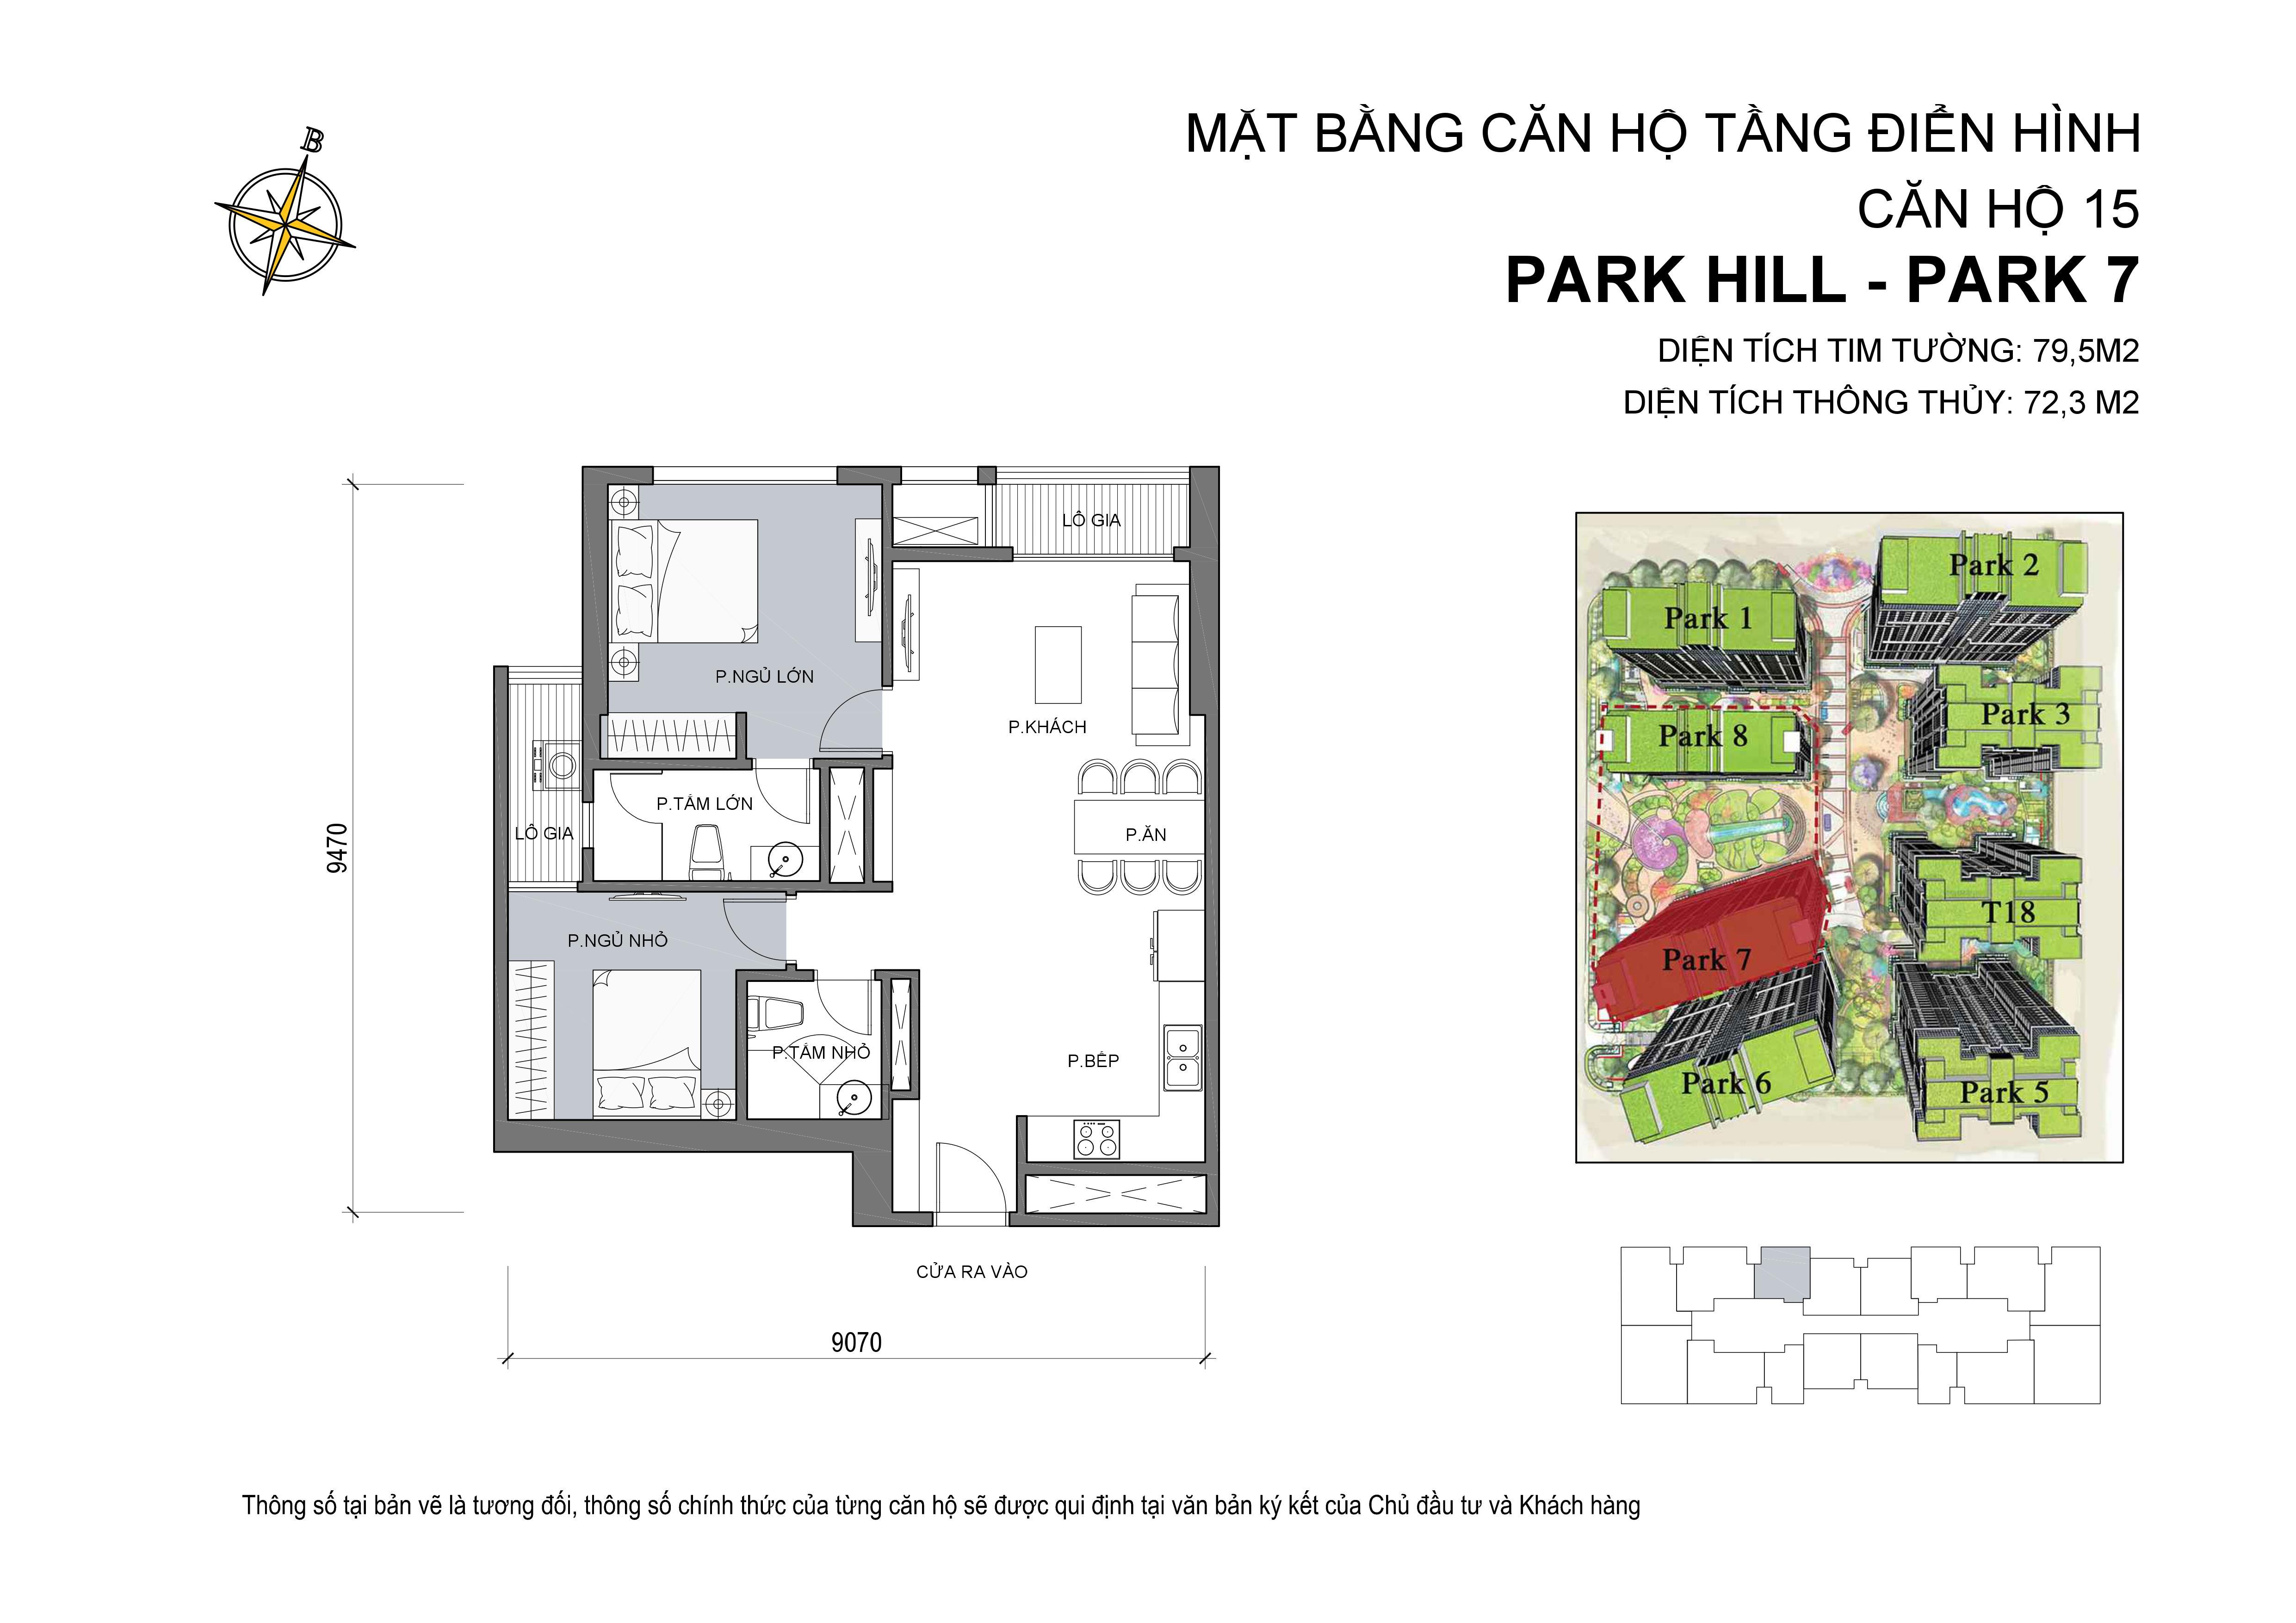 căn hộ Park hill 2PN số 15 diện tích 79 m2